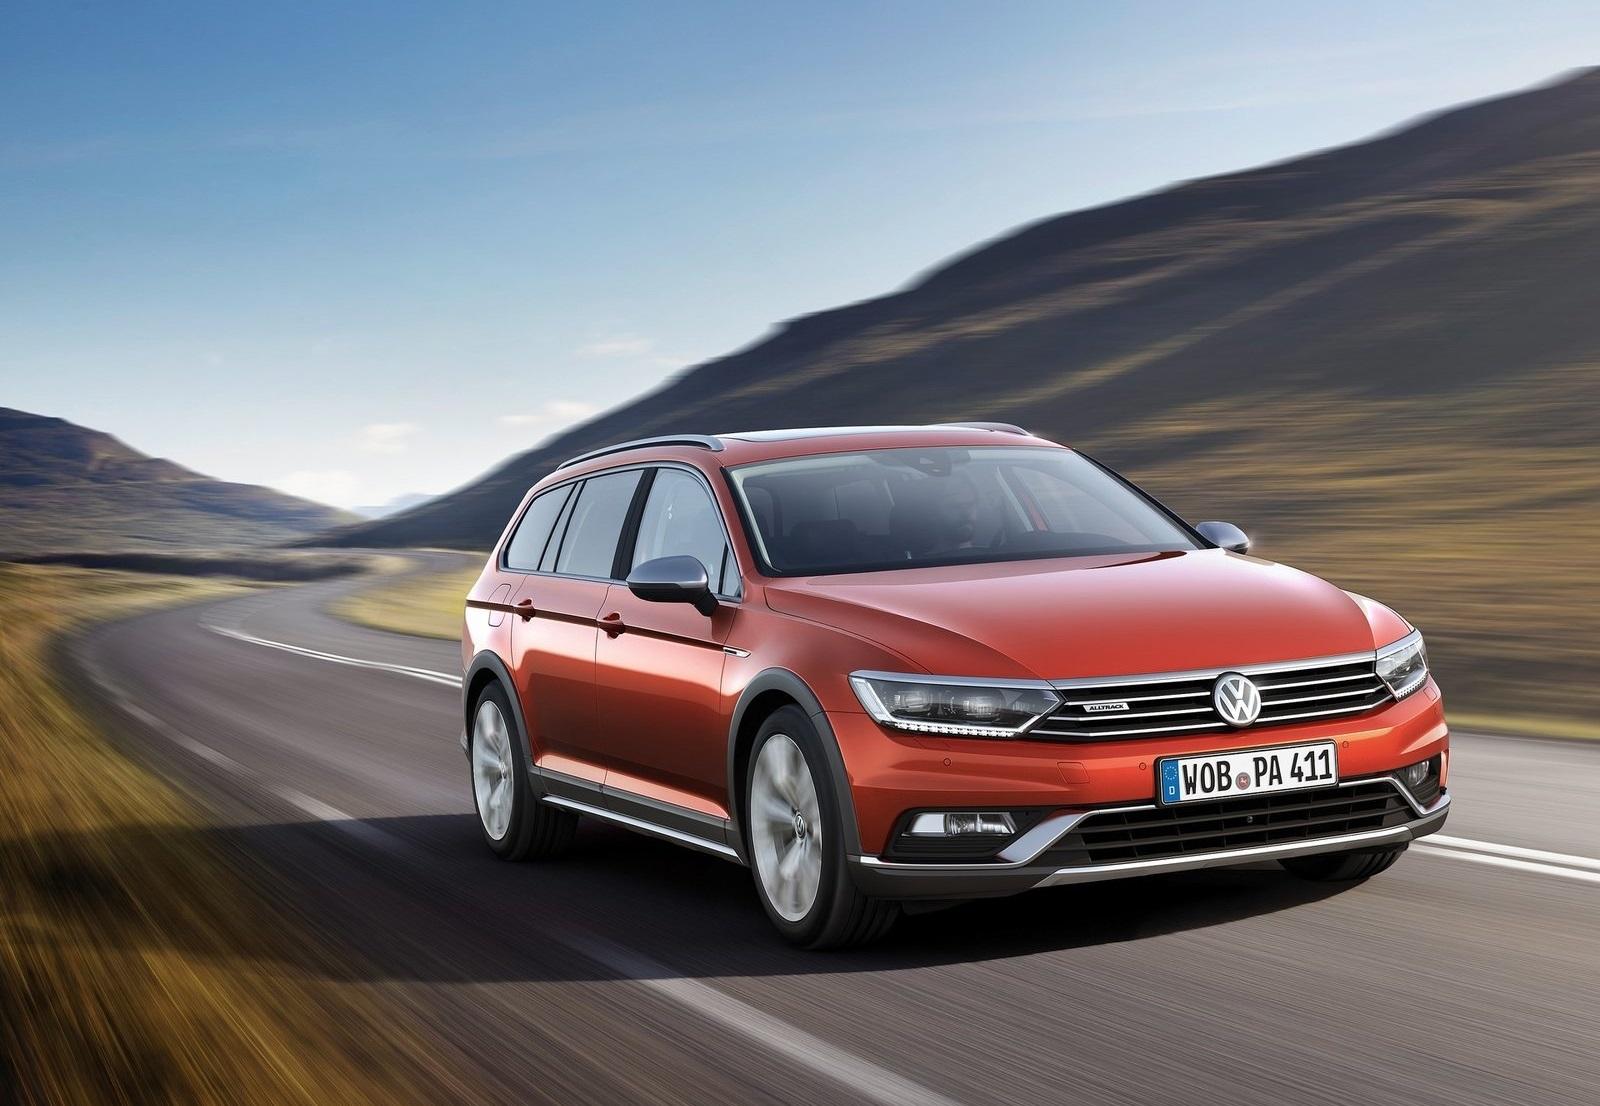 2016 Volkswagen Passat Alltrack Exterior Preview